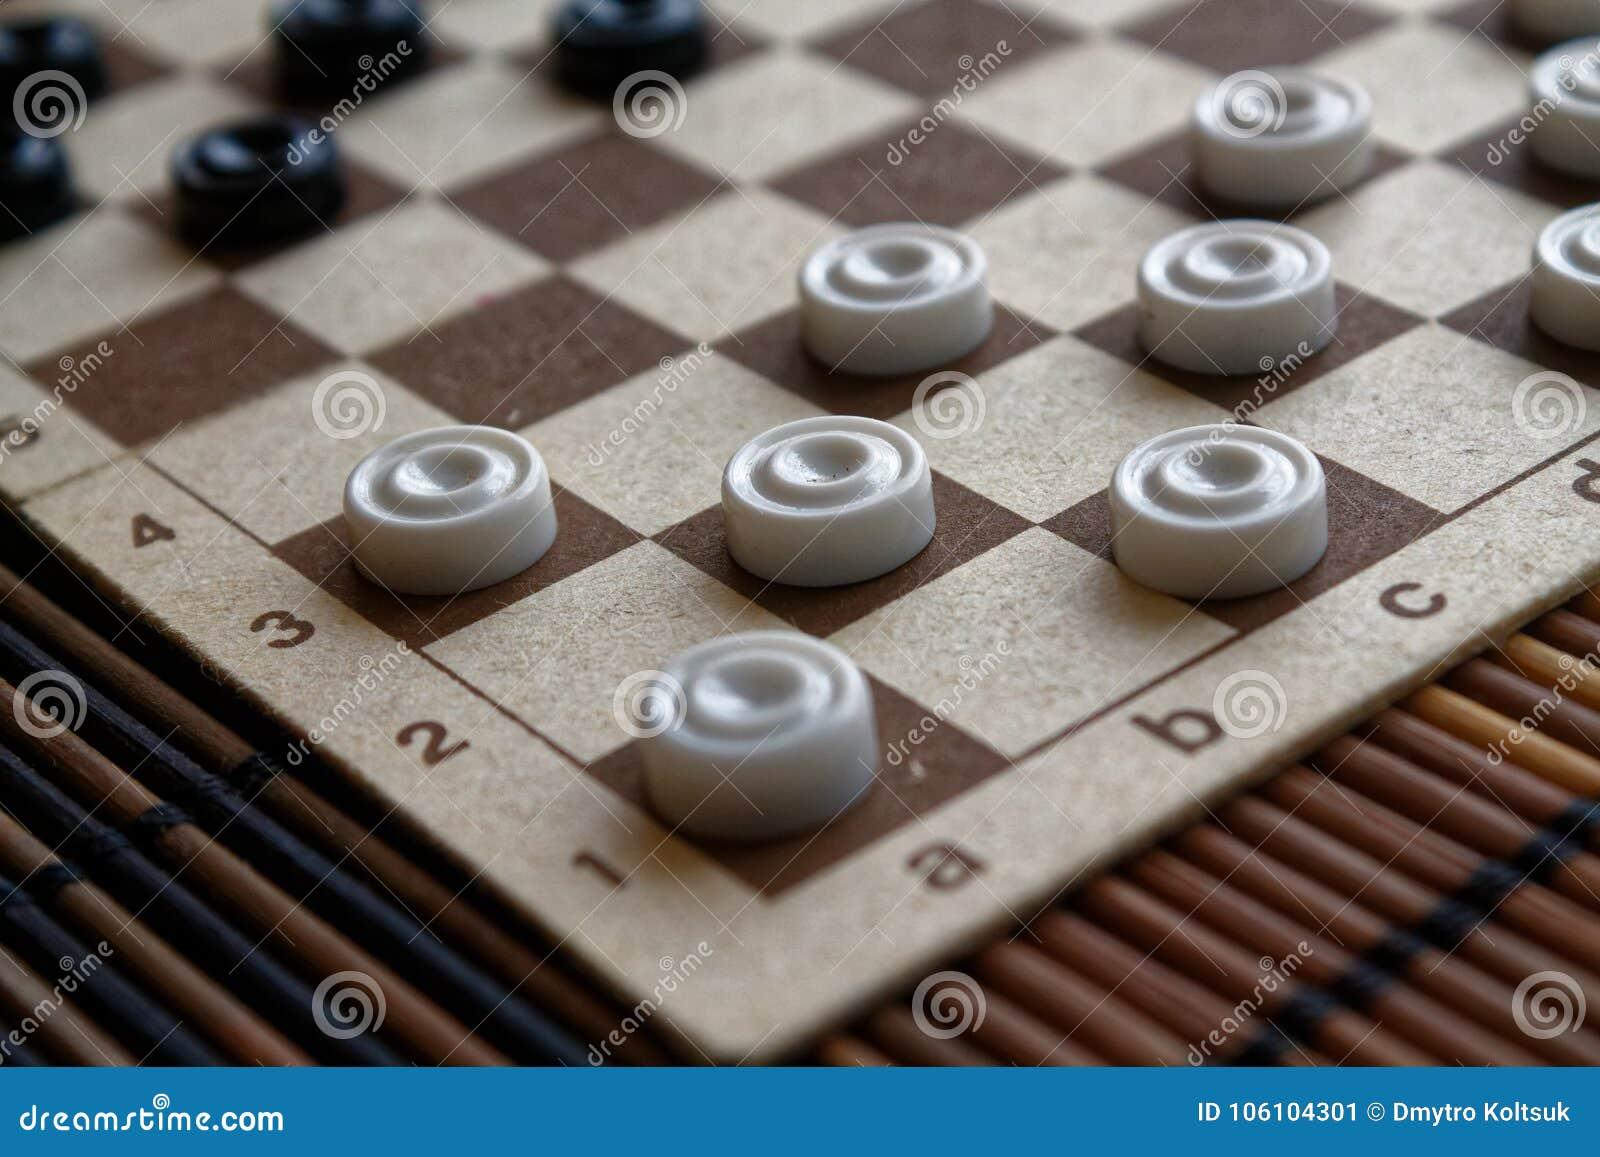 Verificadores no tabuleiro de damas pronto para jogar Conceito do jogo Jogo de mesa passatempo verificadores no campo de ação par